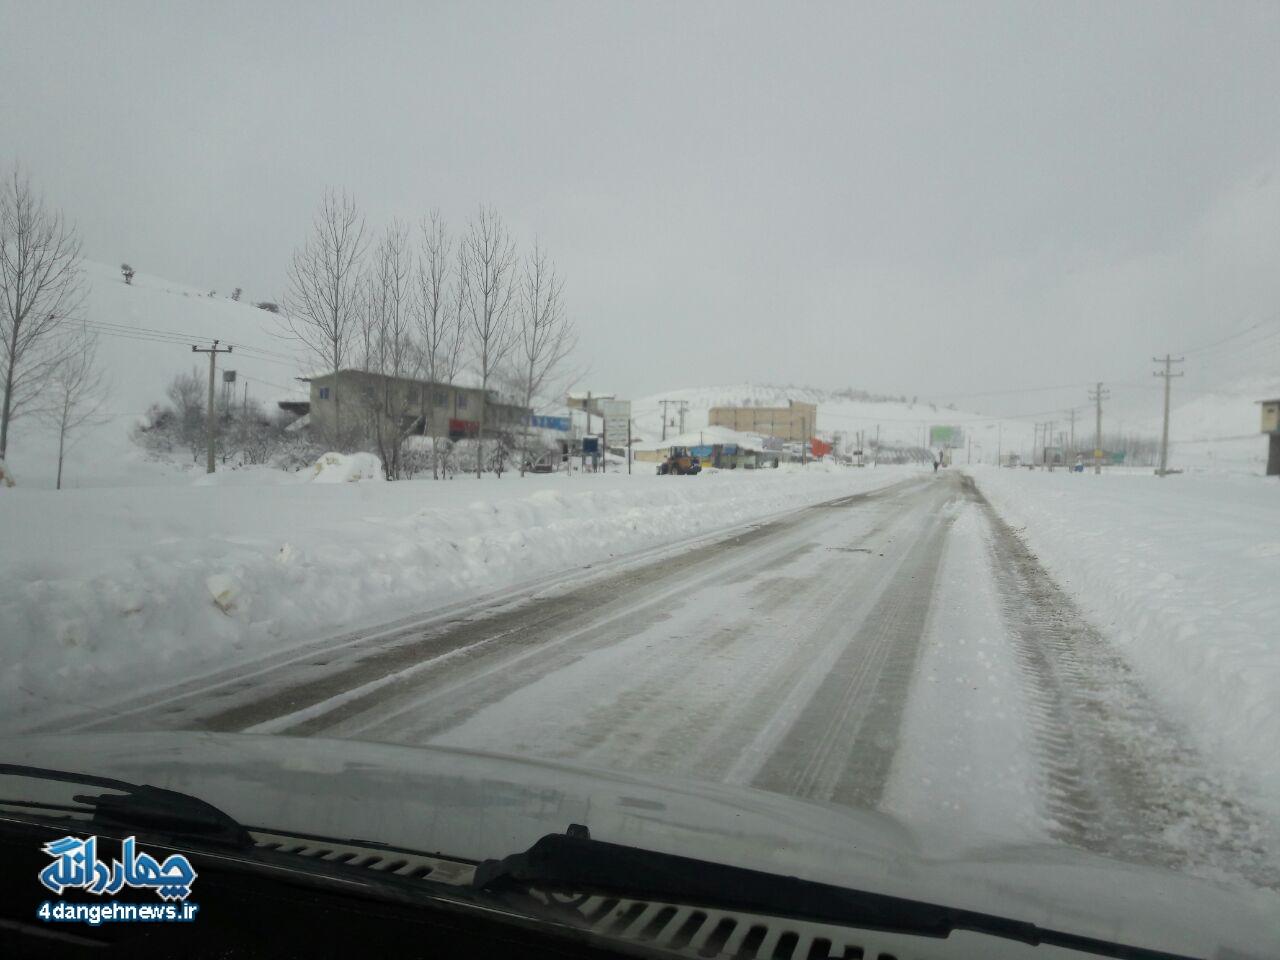 ادامه بارش باران و برف در چهاردانگه/ لغزنده بودن محور کیاسر و راههای روستایی